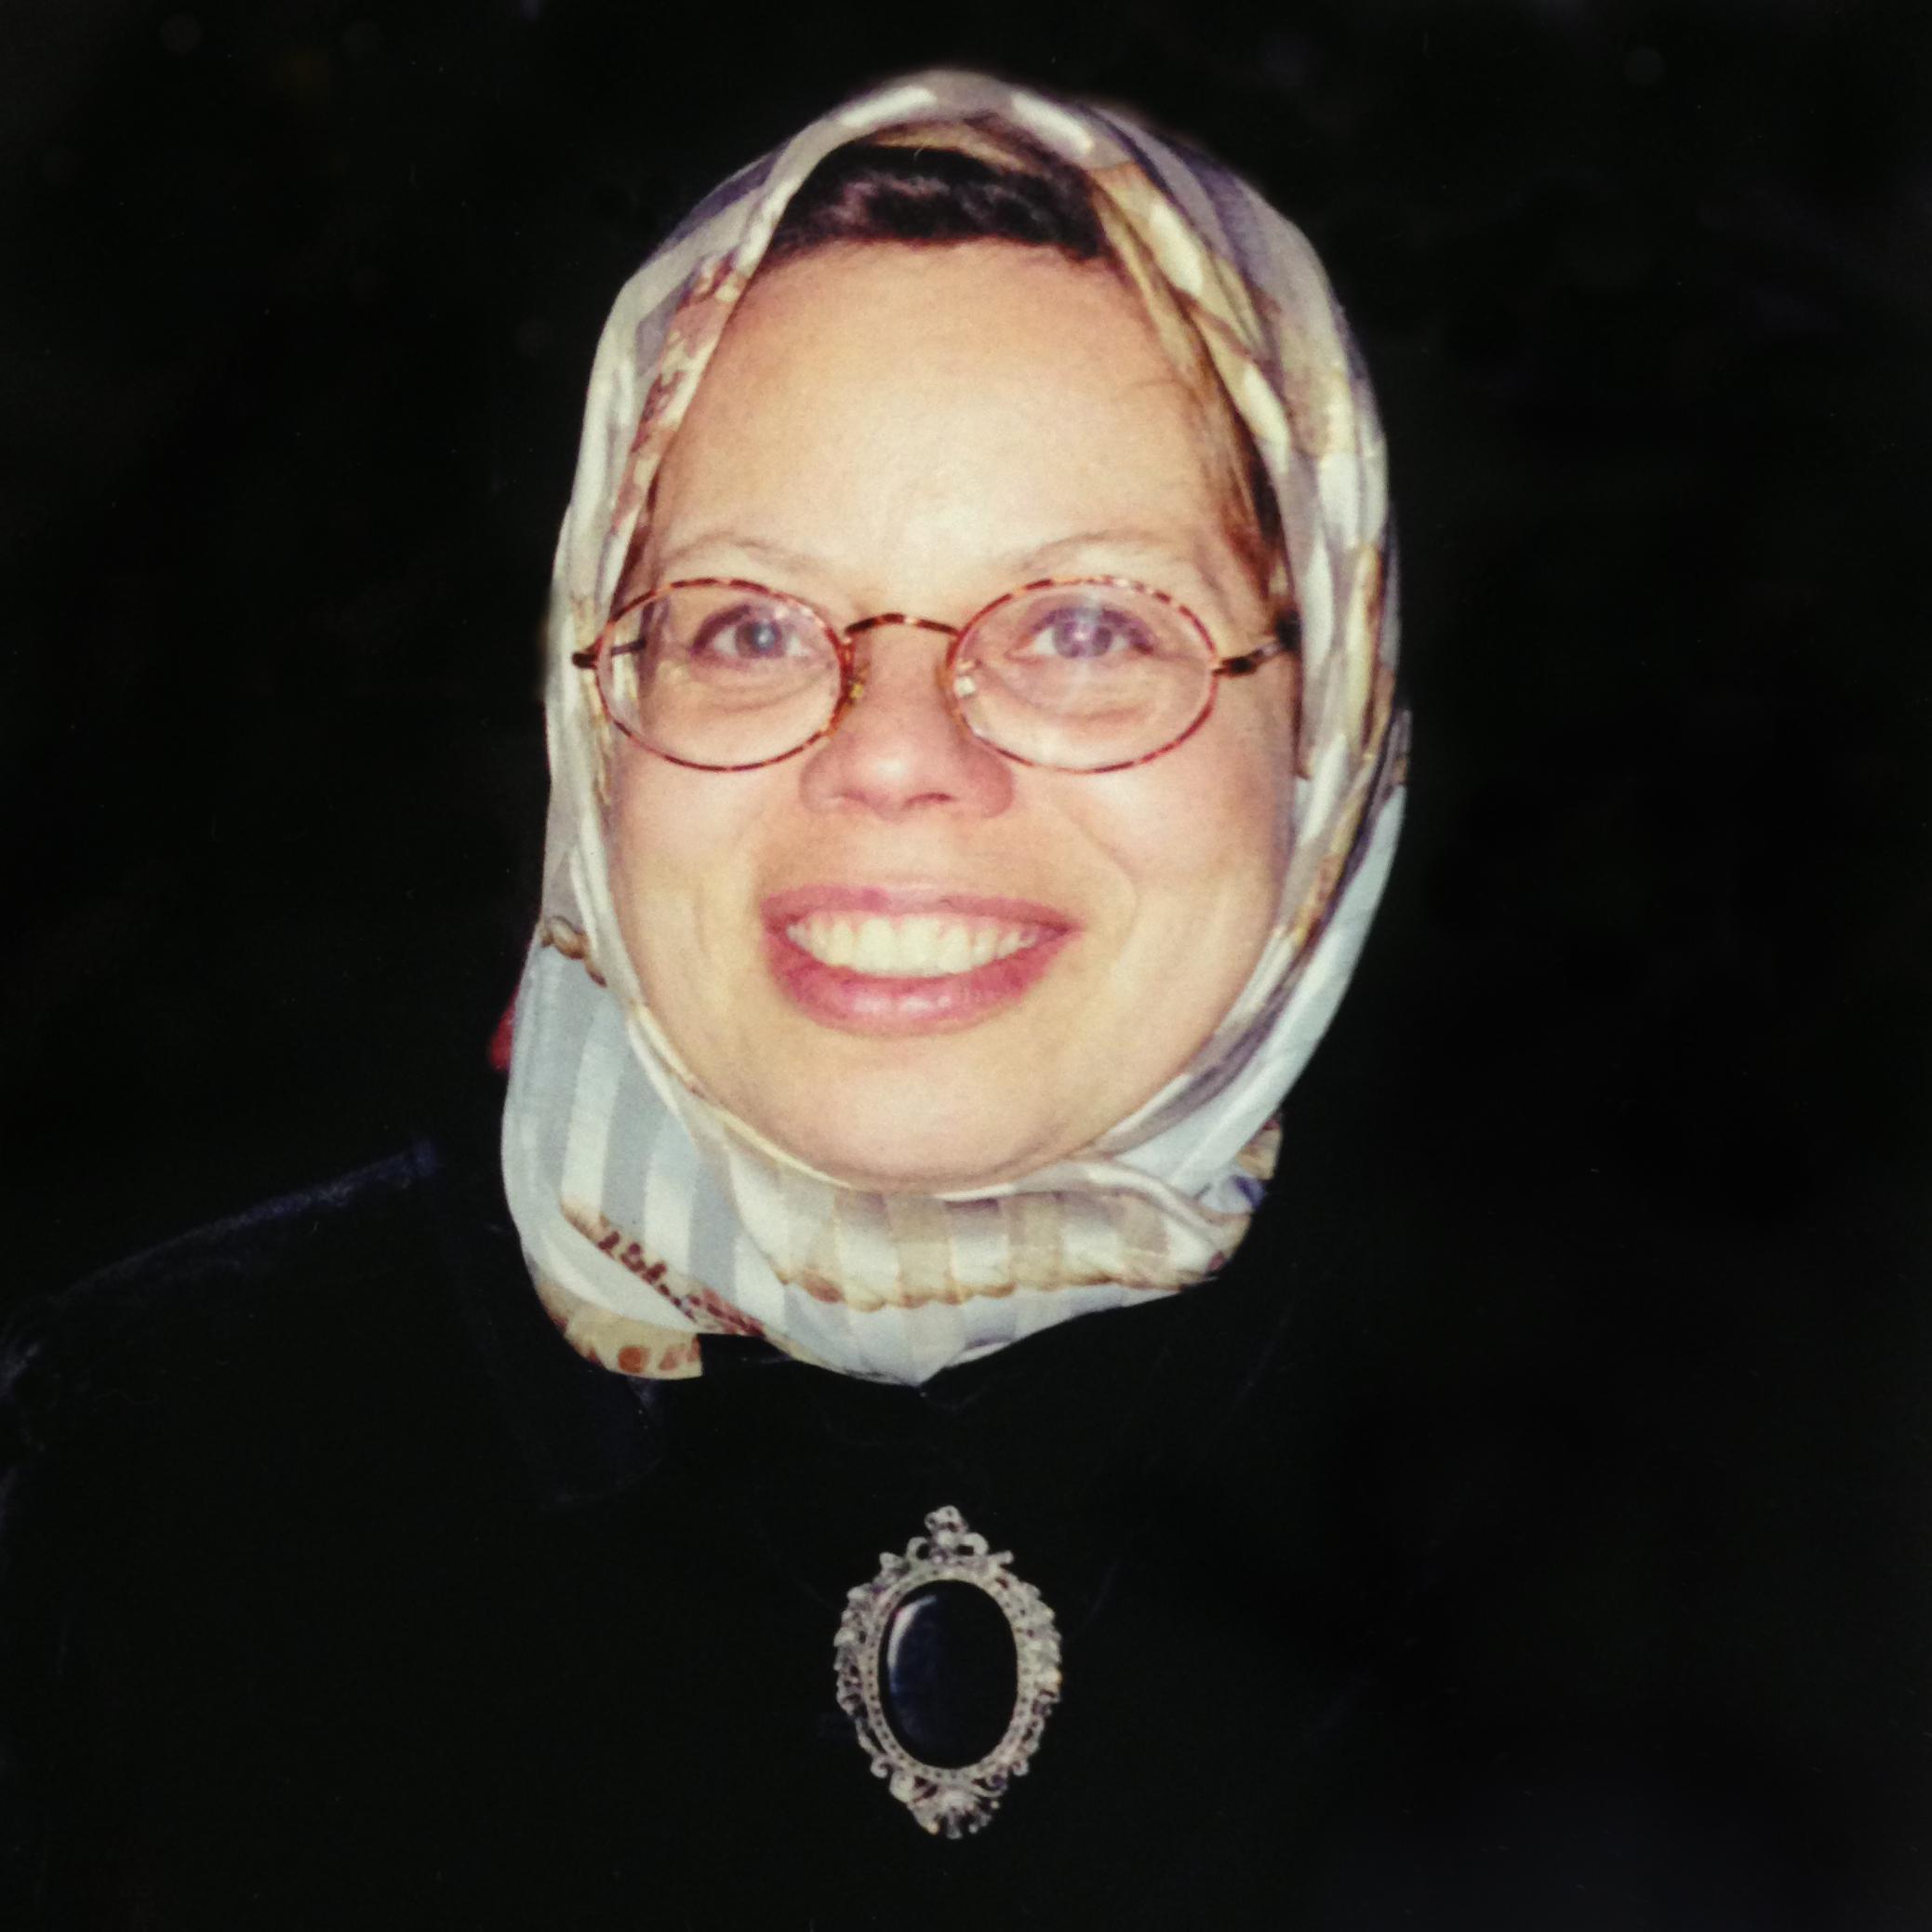 Photograph of Sharifa Alkhateeb courtesy of Maha Alkhateeb.